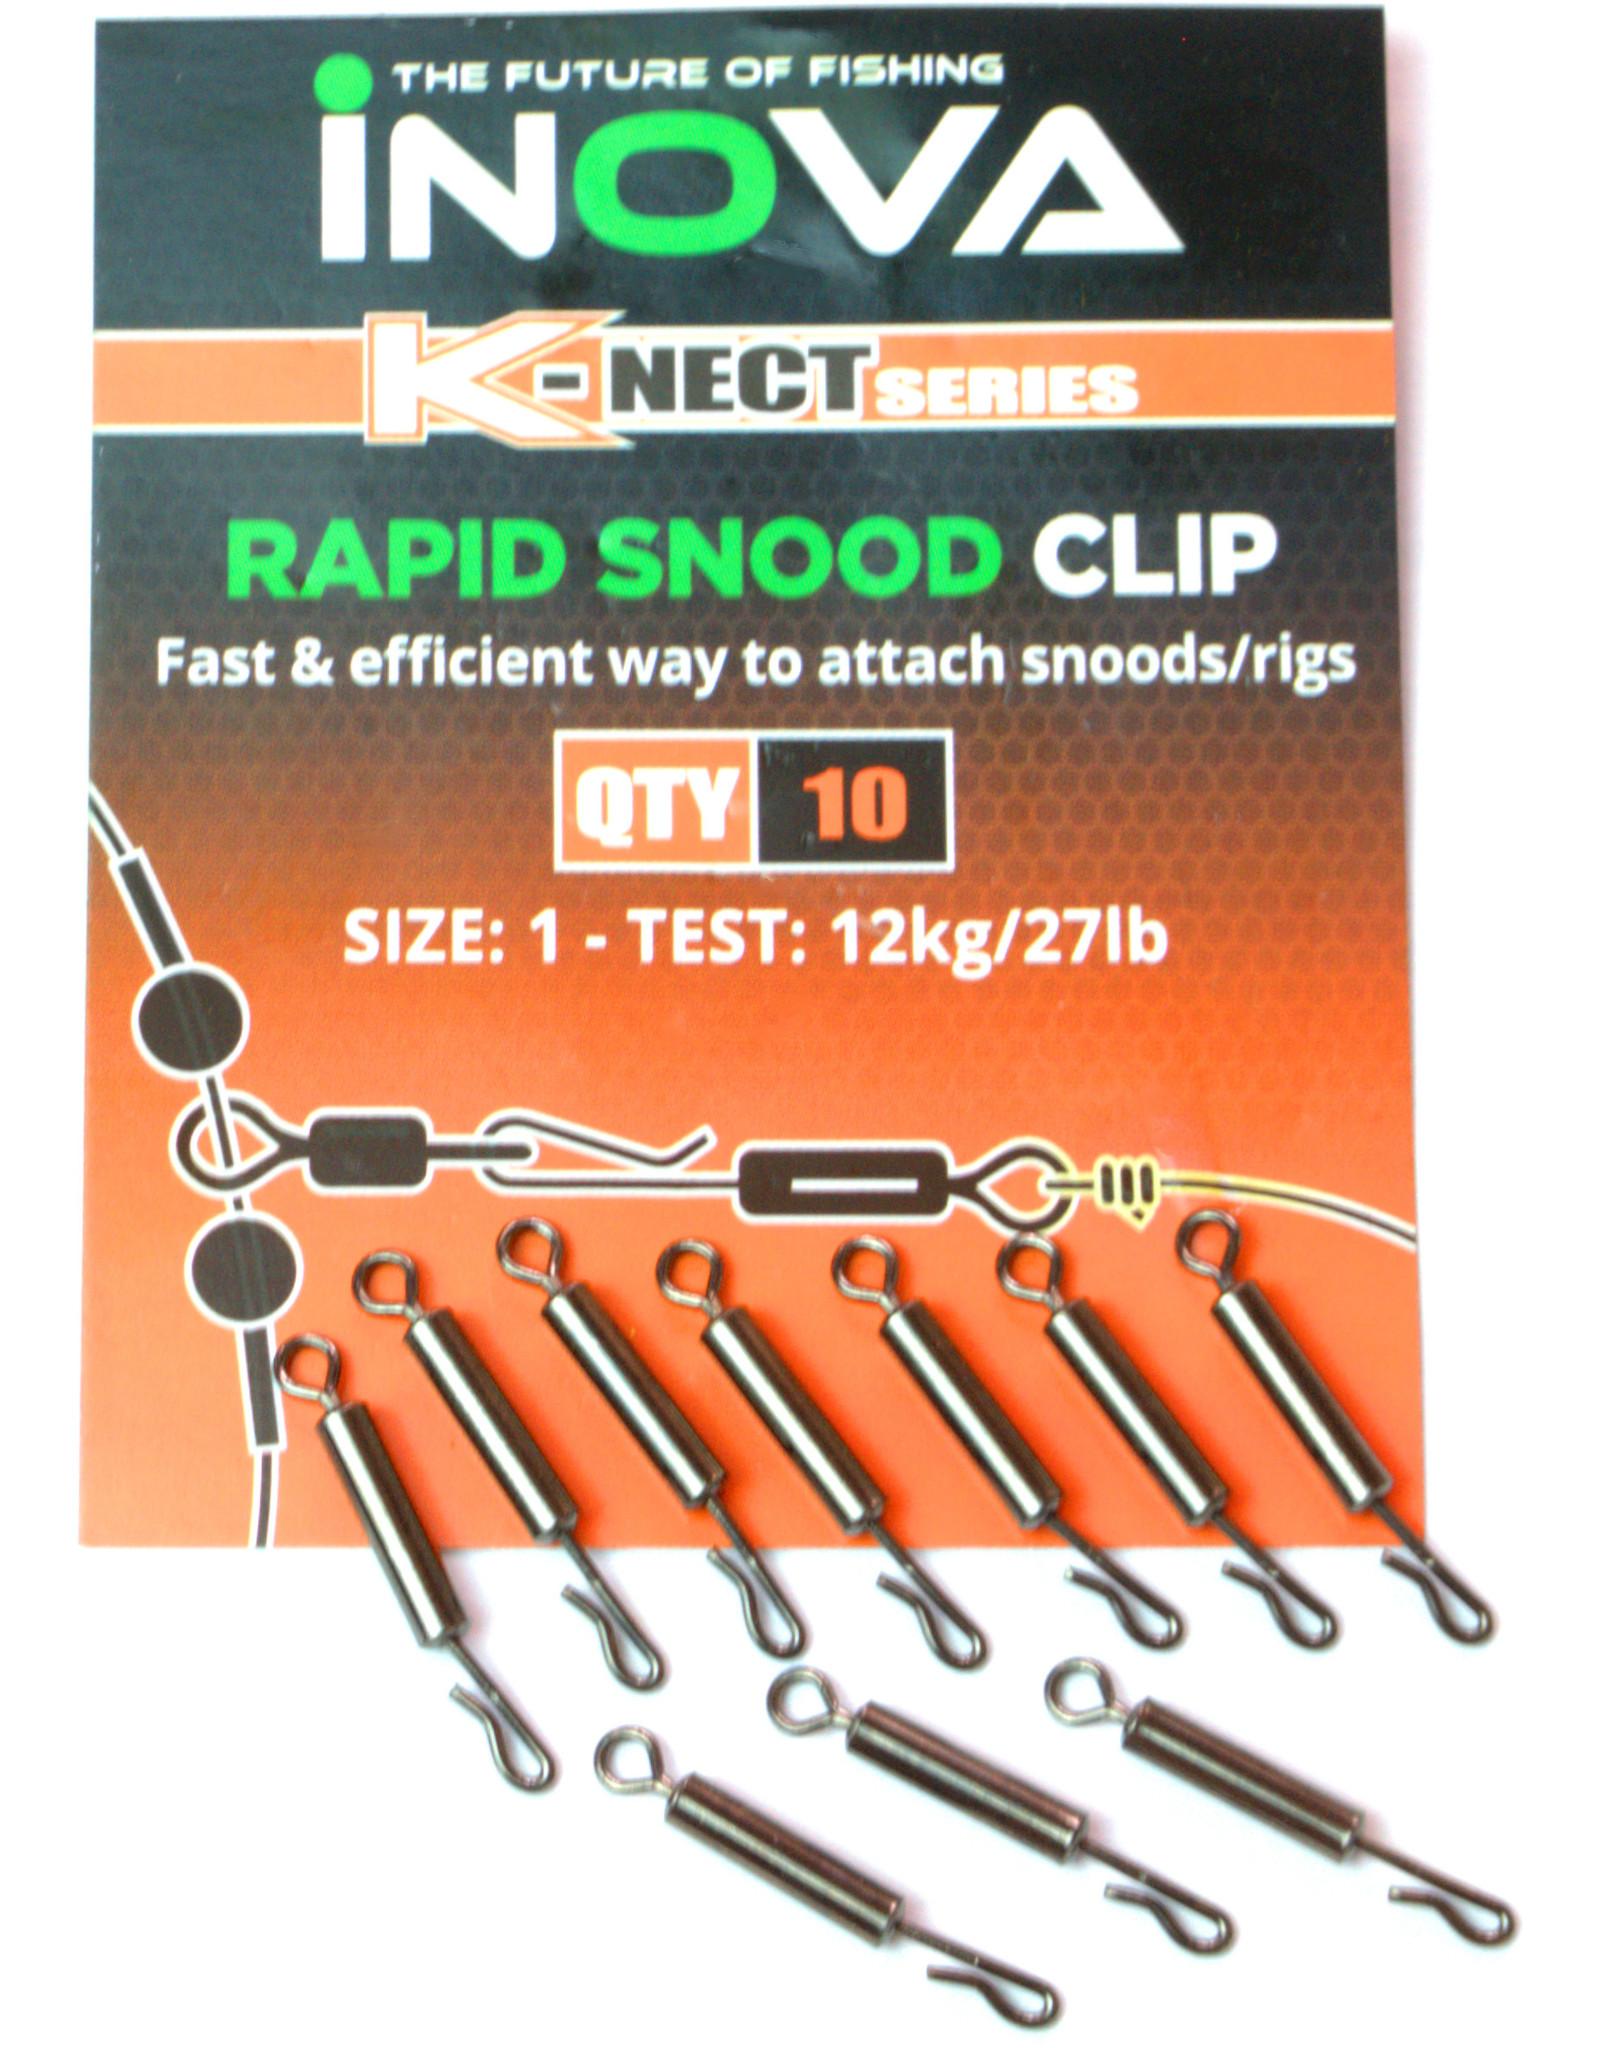 INOVA Inova Rapid Snood Clip